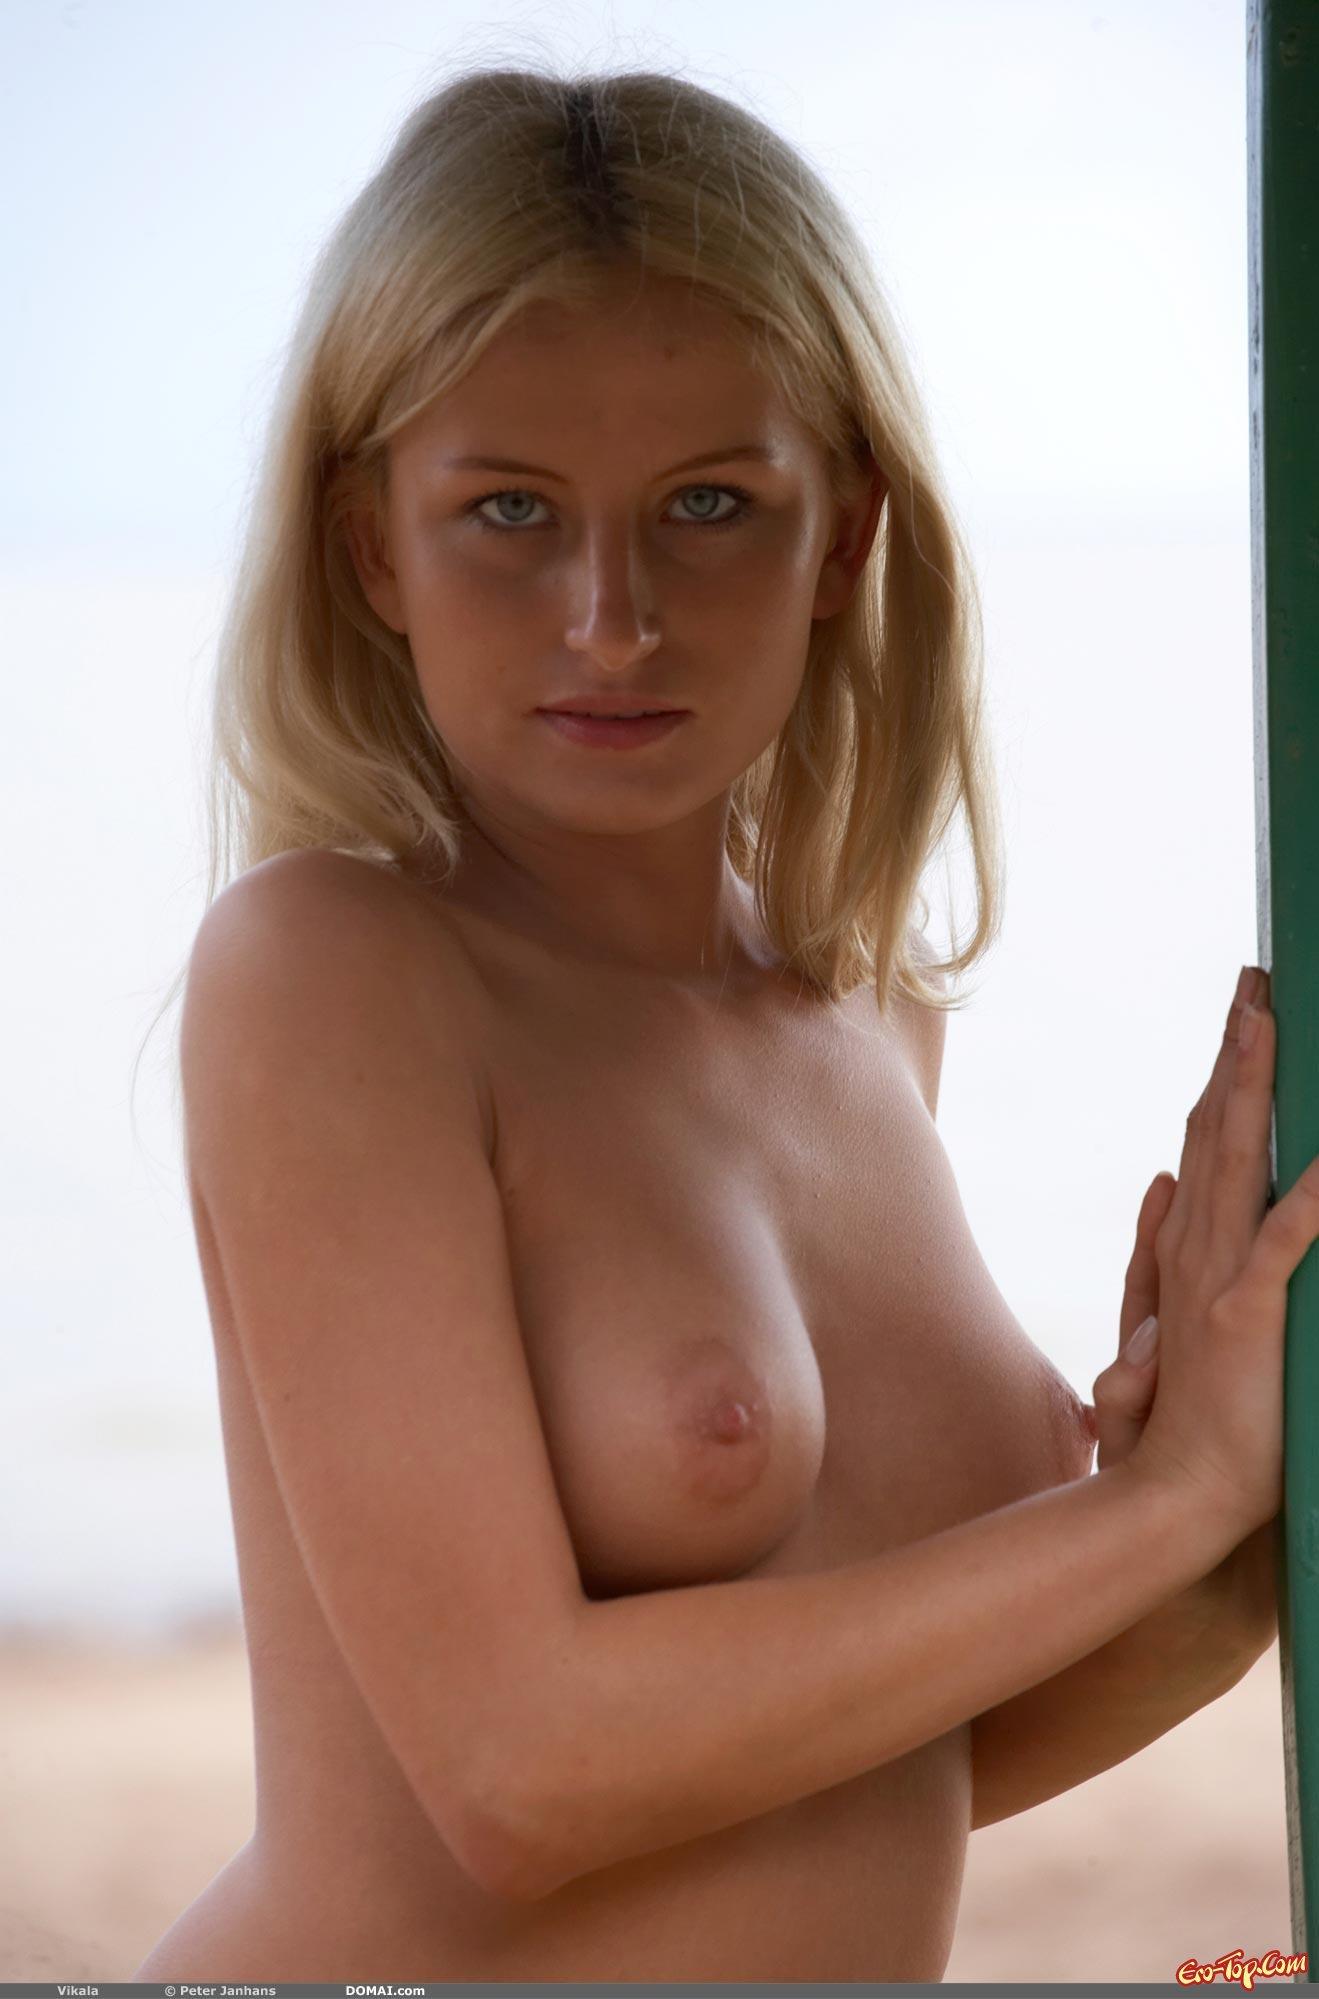 Голые зрелые женщины порно фото мамочек в возрасте